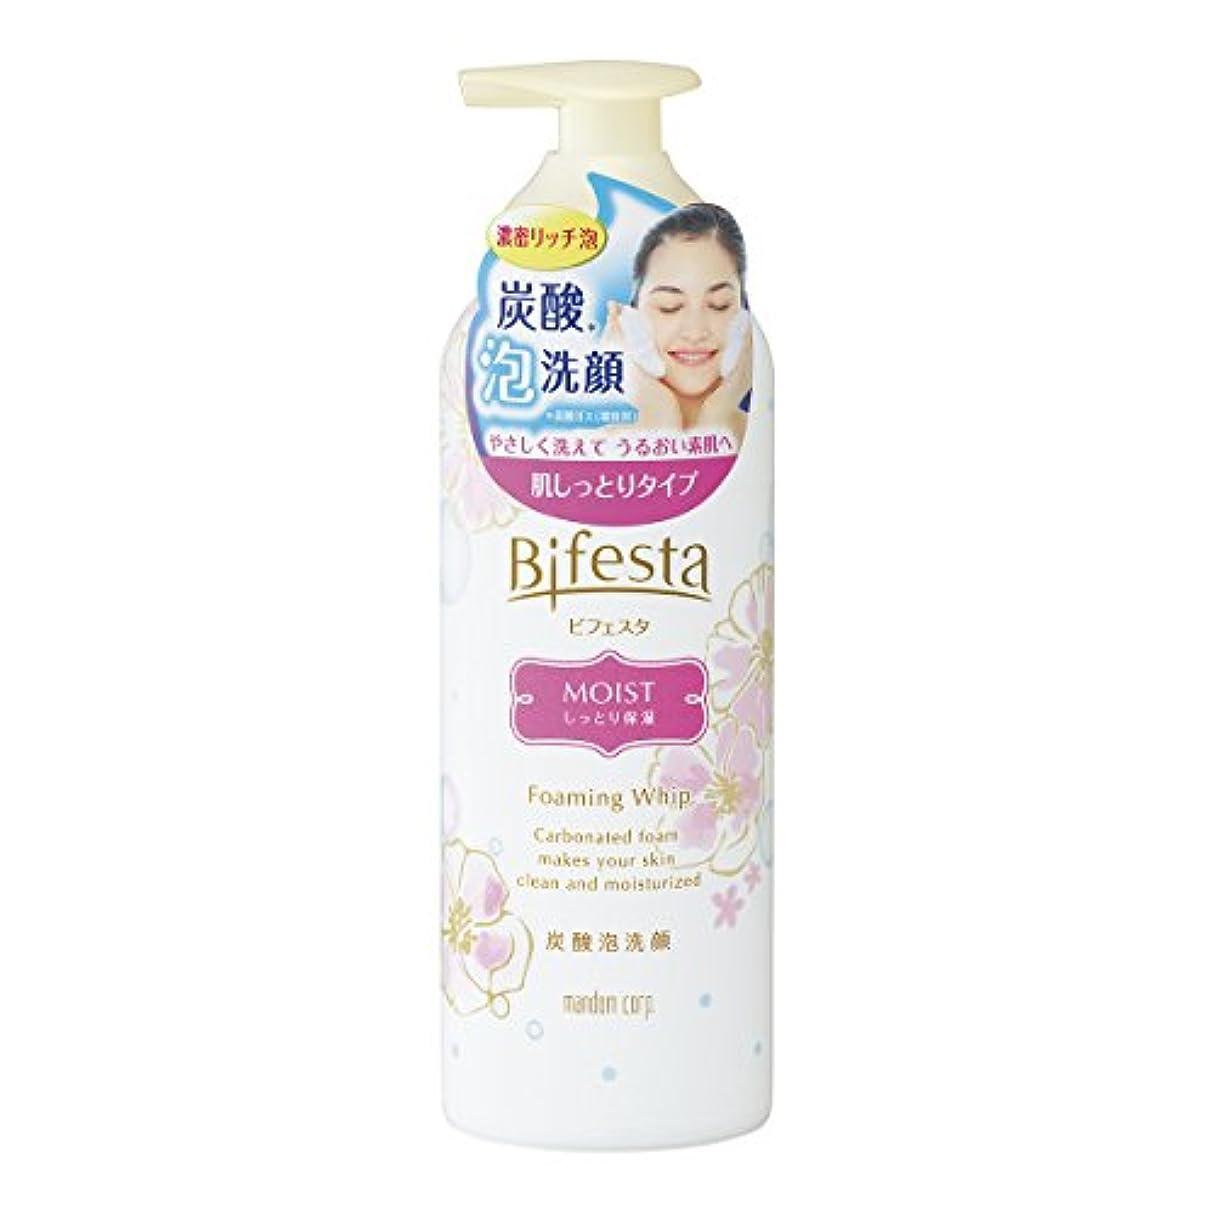 免除するほめる麦芽ビフェスタ 泡洗顔 モイスト 180g